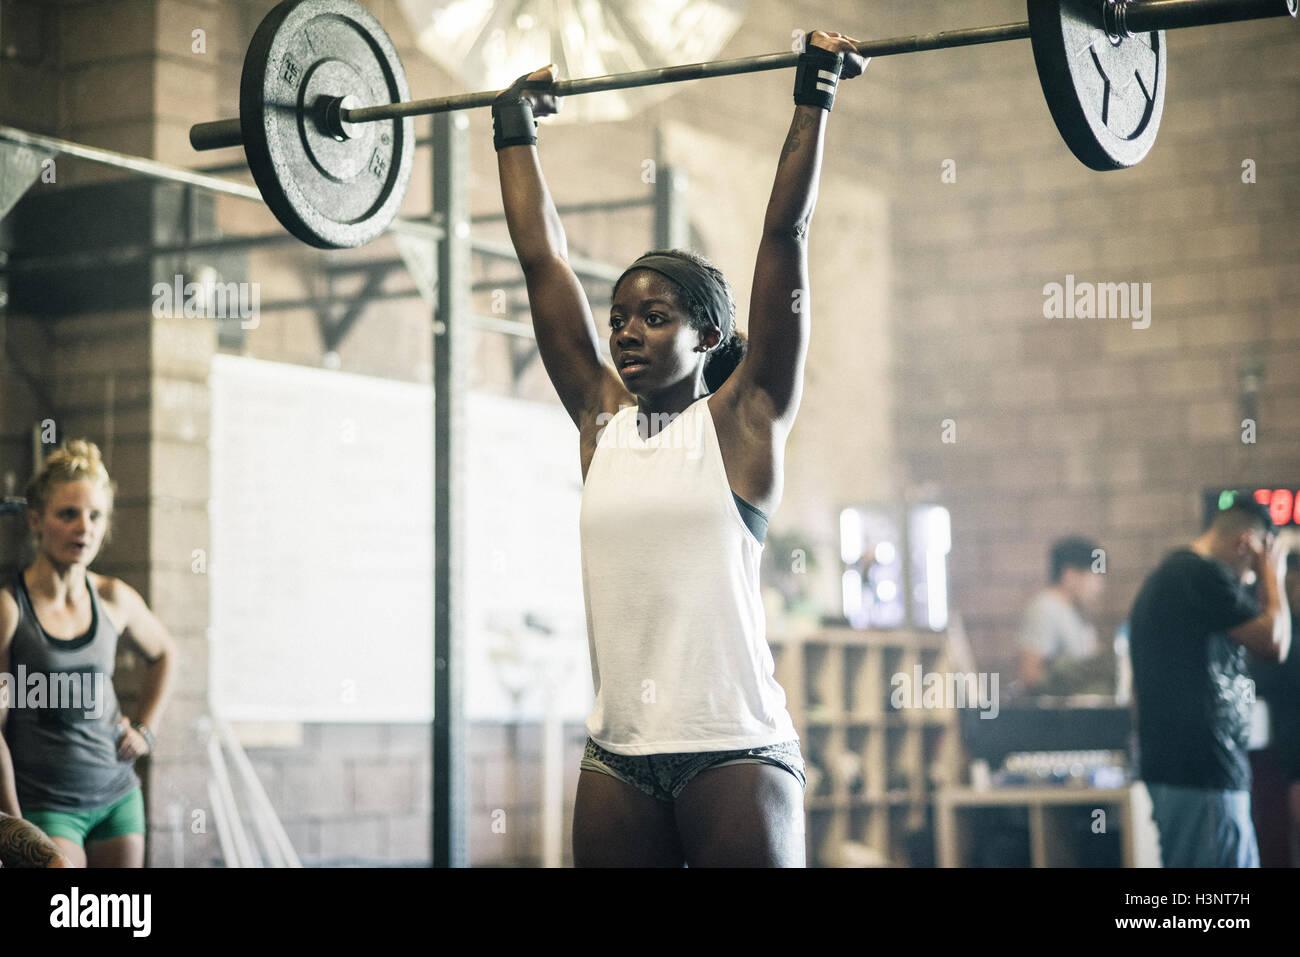 Treinamento cruzado halteres no ginásio de elevação do atleta Imagens de Stock